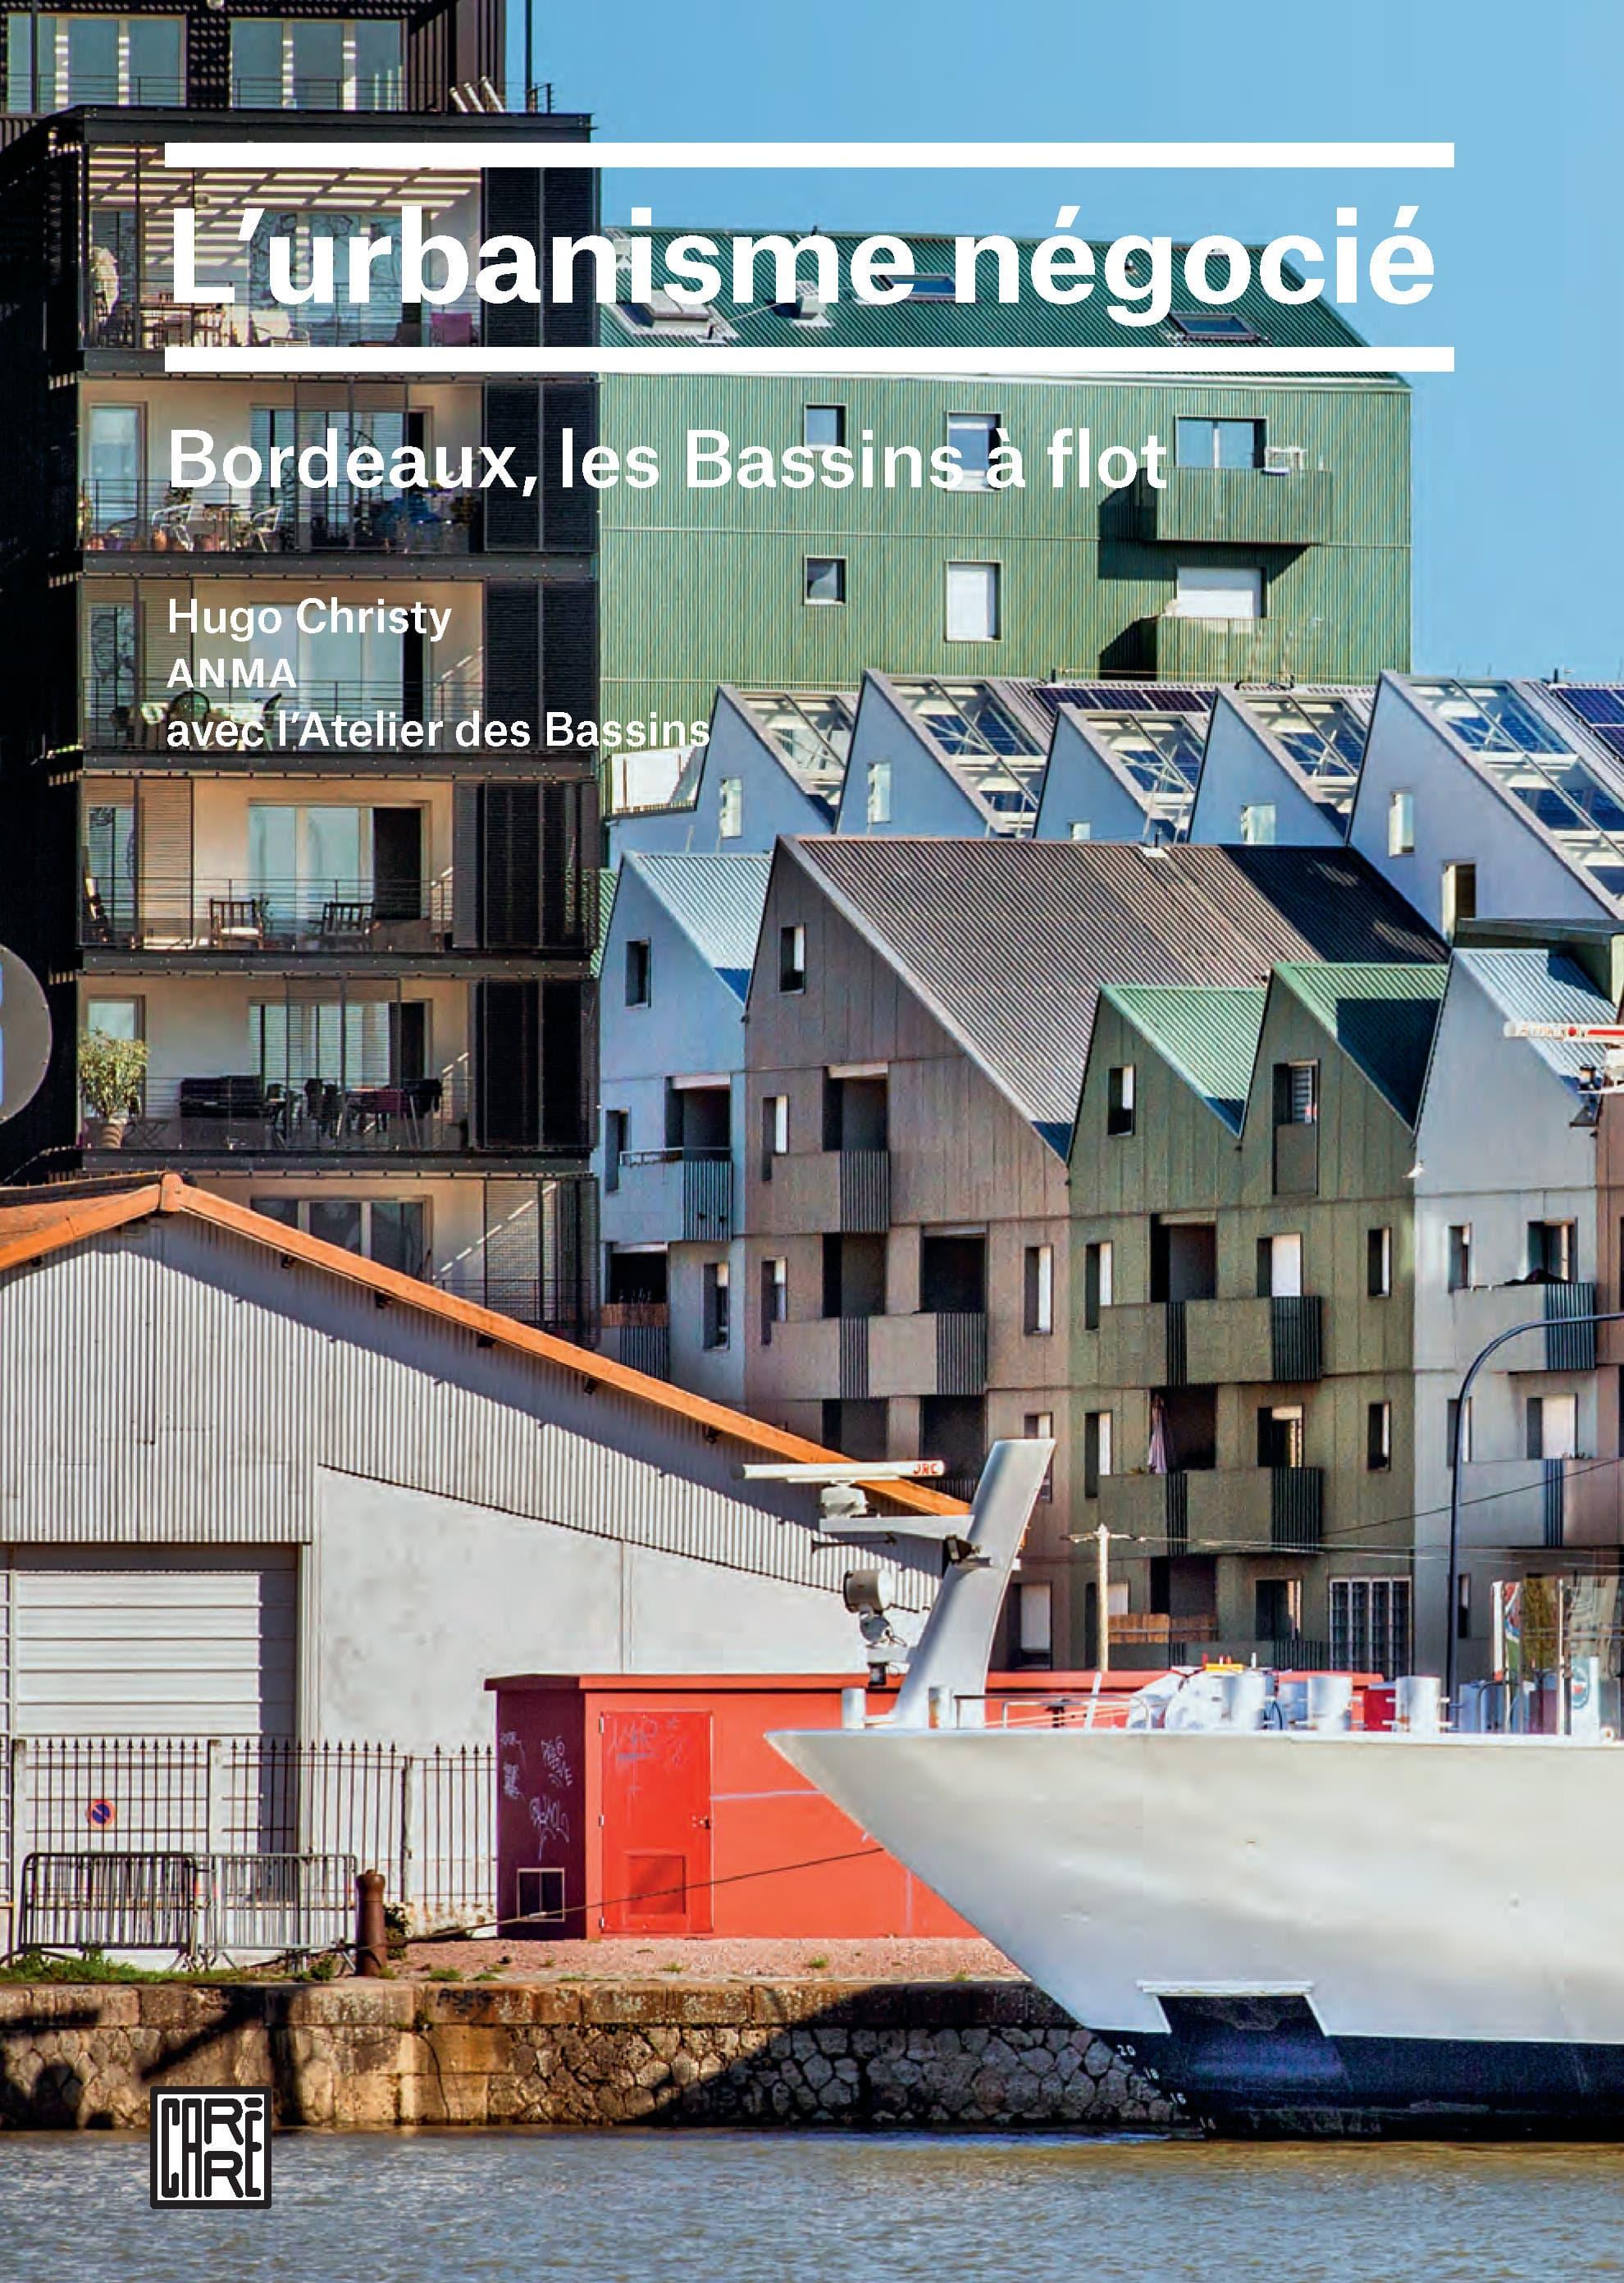 L'urbanisme négocié